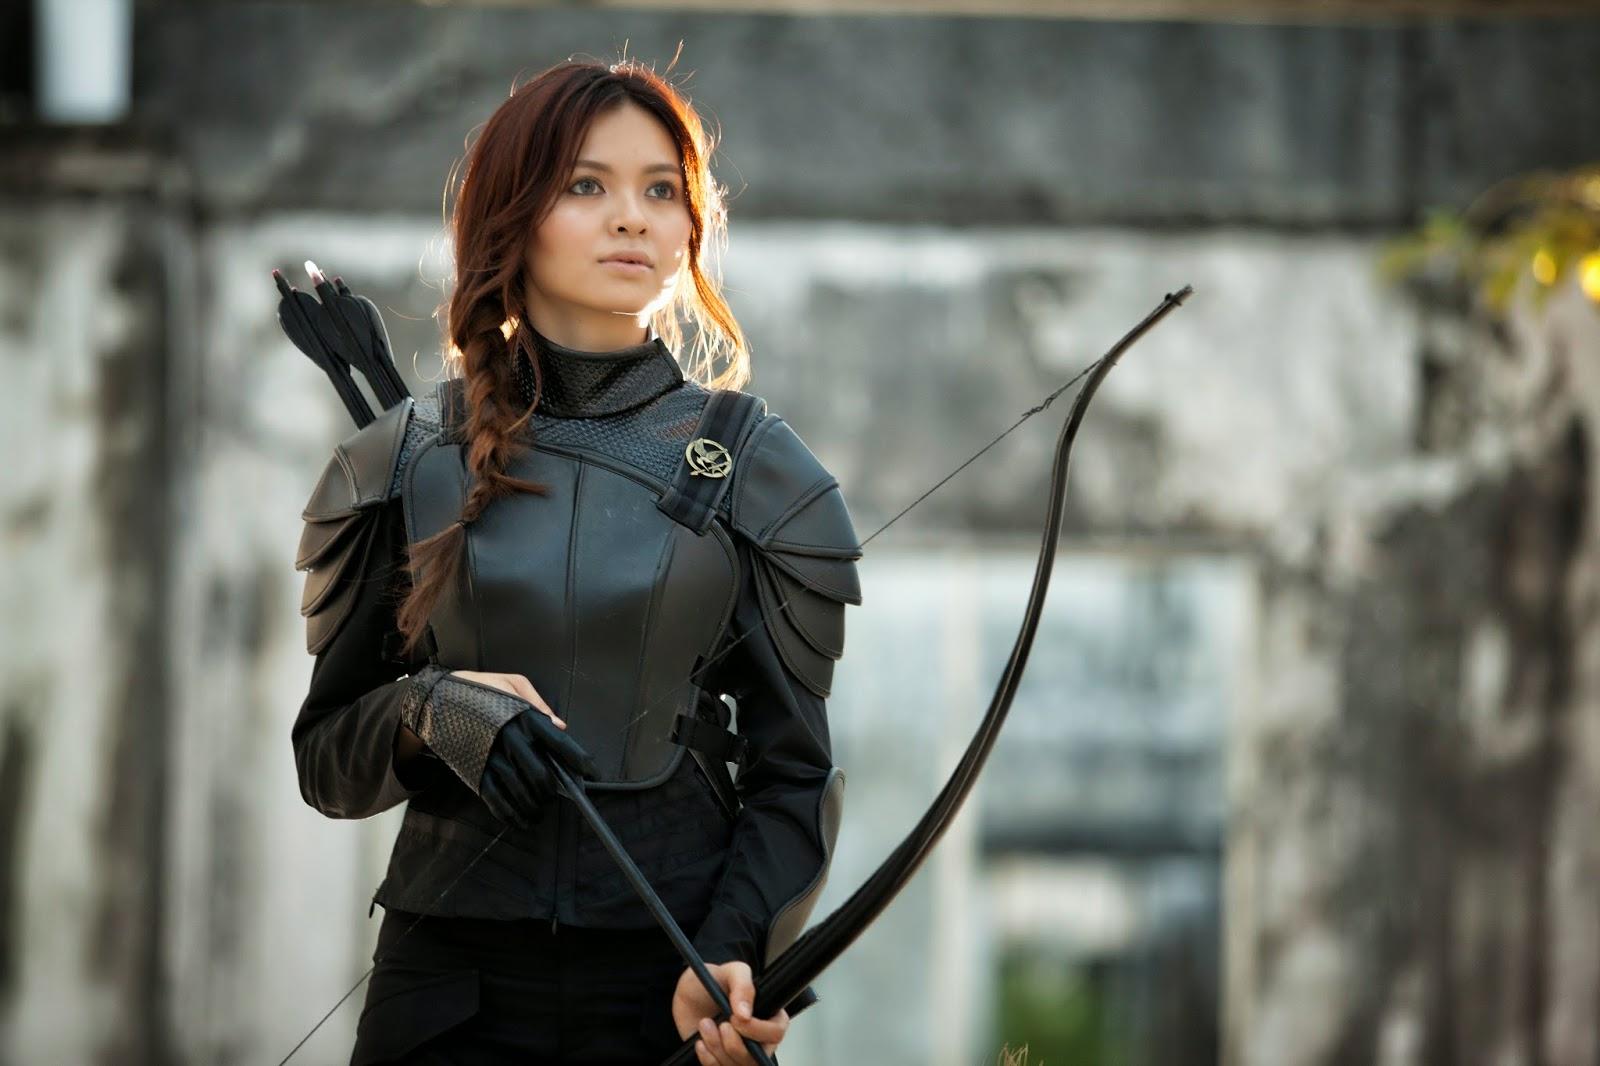 The Hunger Games Mockingjay Katniss Everdeen Makeup